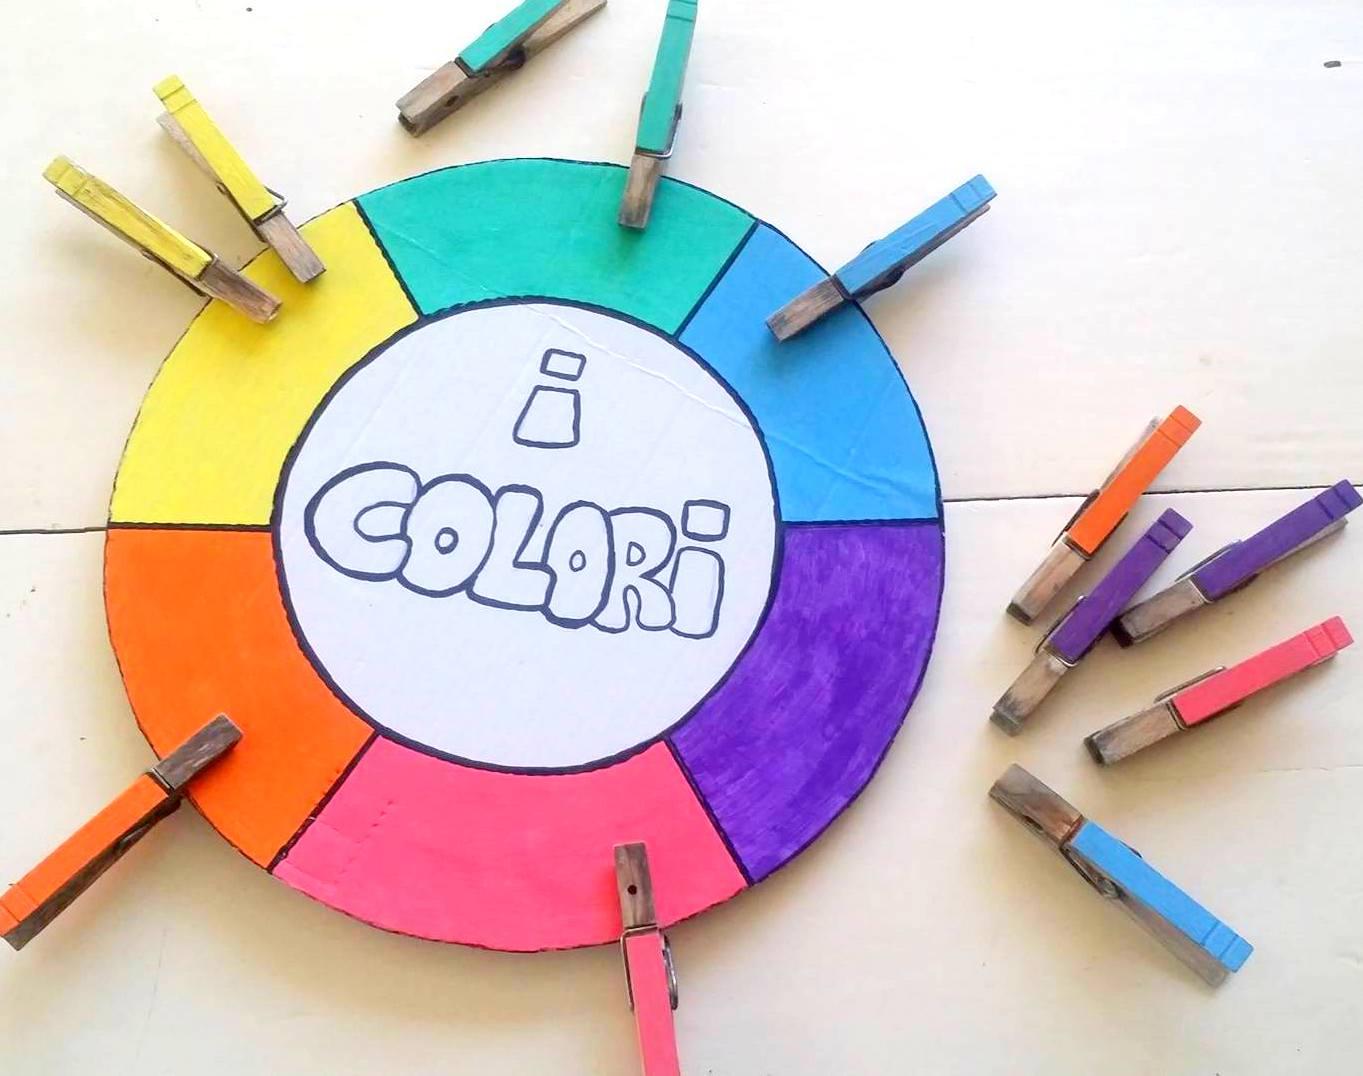 abbastanza come realizzare la ruota dei colori - Centrifugato di Mamma AB79